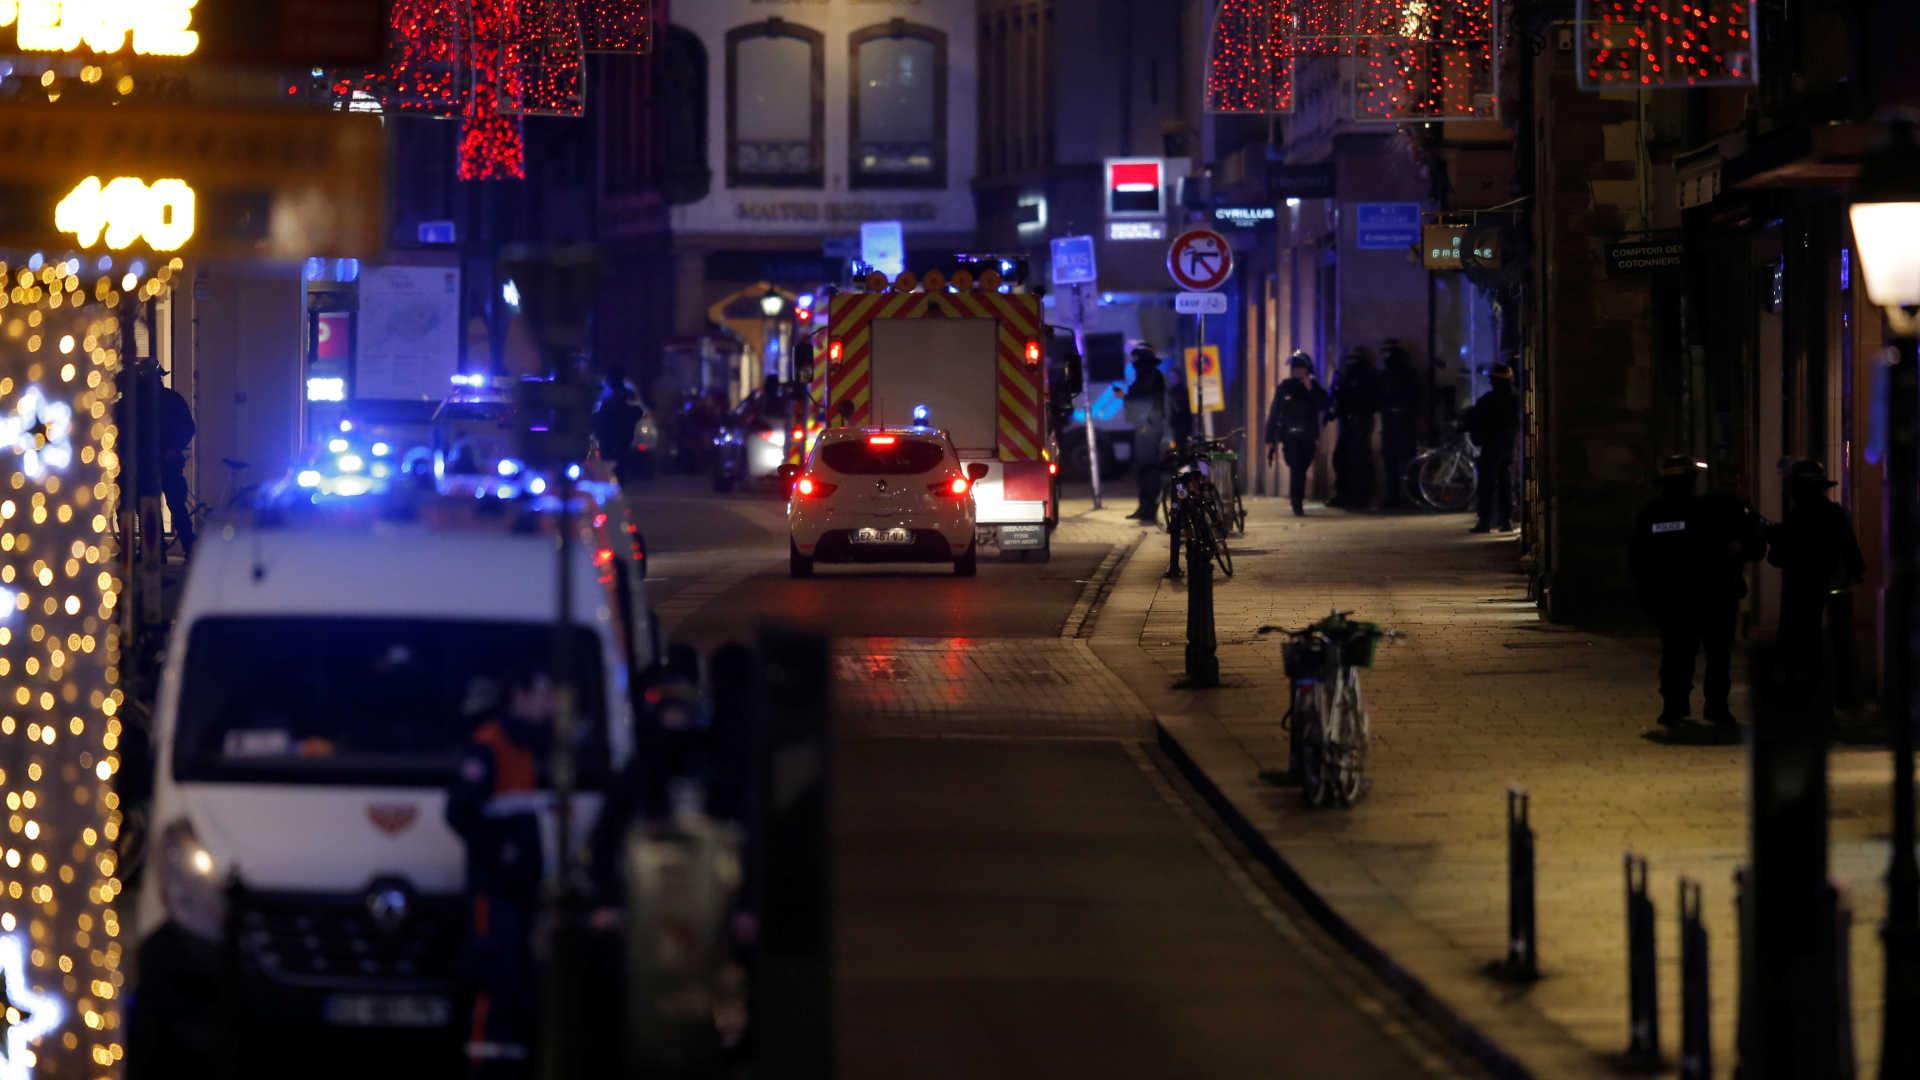 Теракт на рождественской ярмарке в Страсбурге: 3 человека погибли, 13 ранены